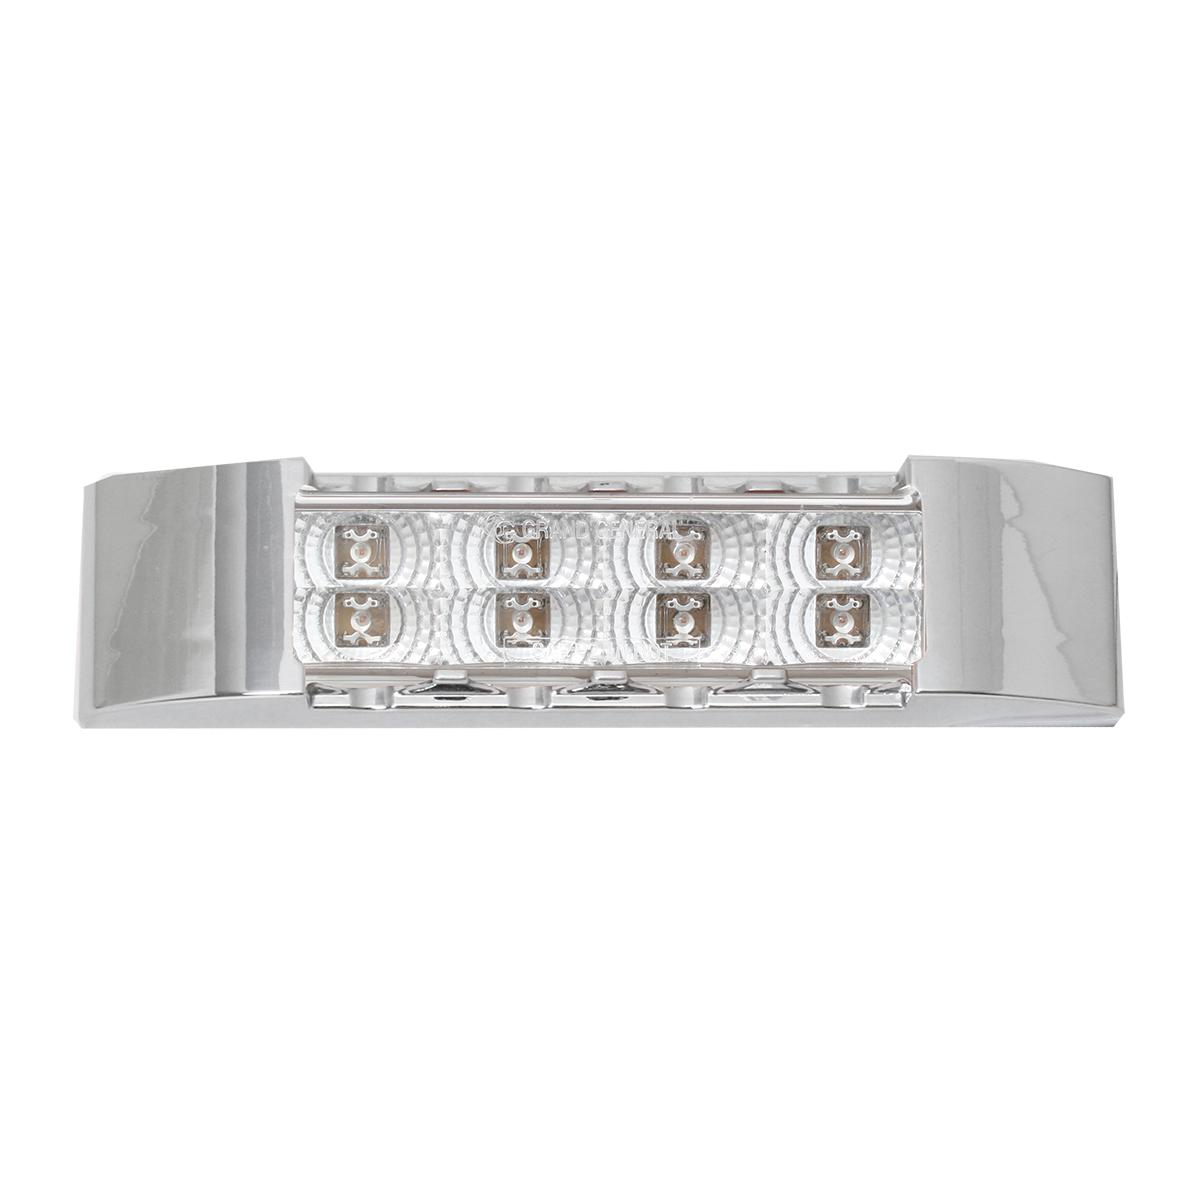 Slim Rectangular Spyder LED Light in Clear Lens with Chrome Plastic Bezel